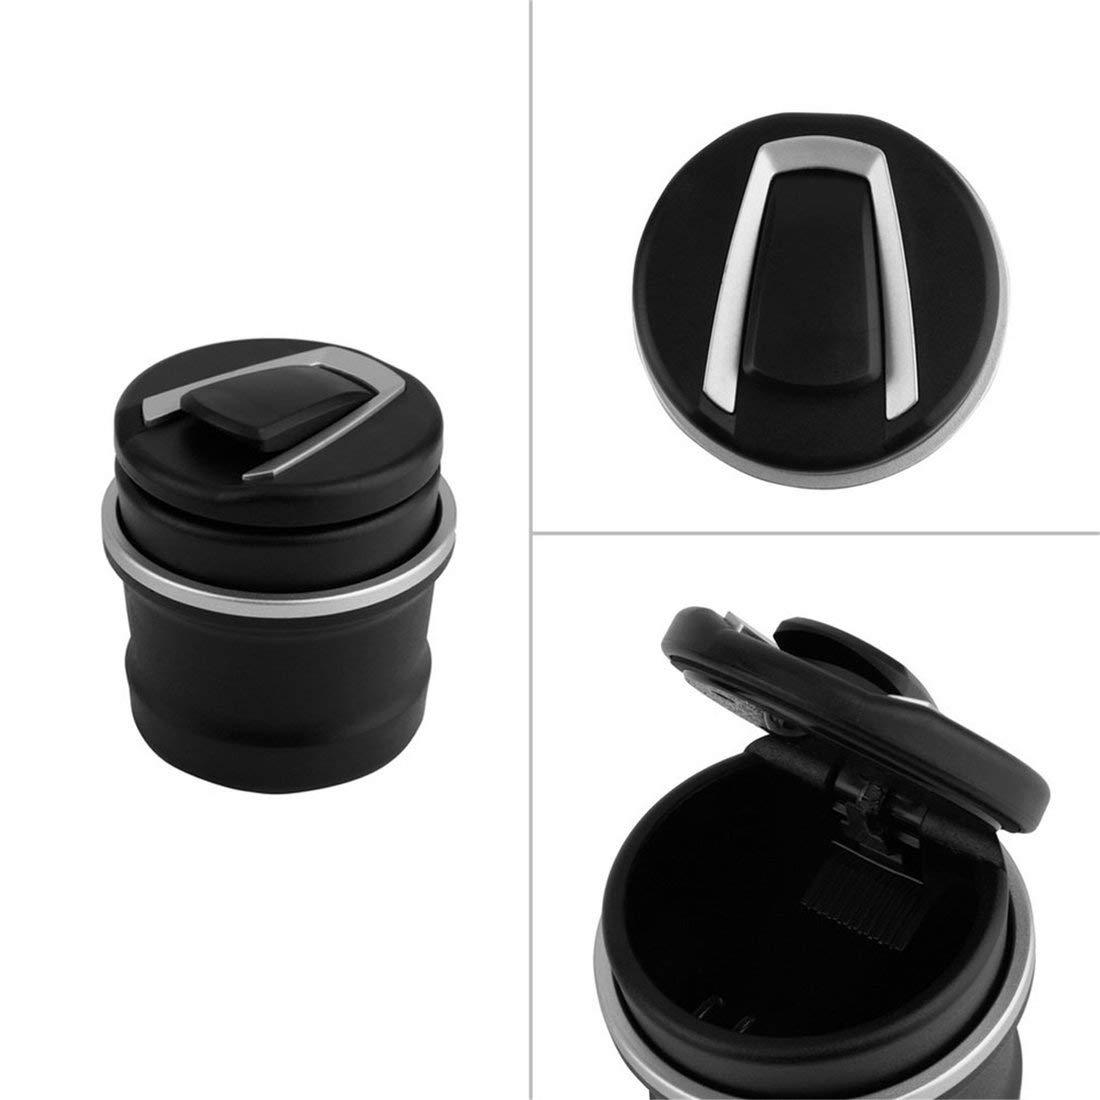 Feuerfeste Kunststoff Auto Aschenbecher Aschenbecher Lagerung Cup Mit LED f/ür BMW 1 3 4 5 7 Serie X1 X3 X5 X6